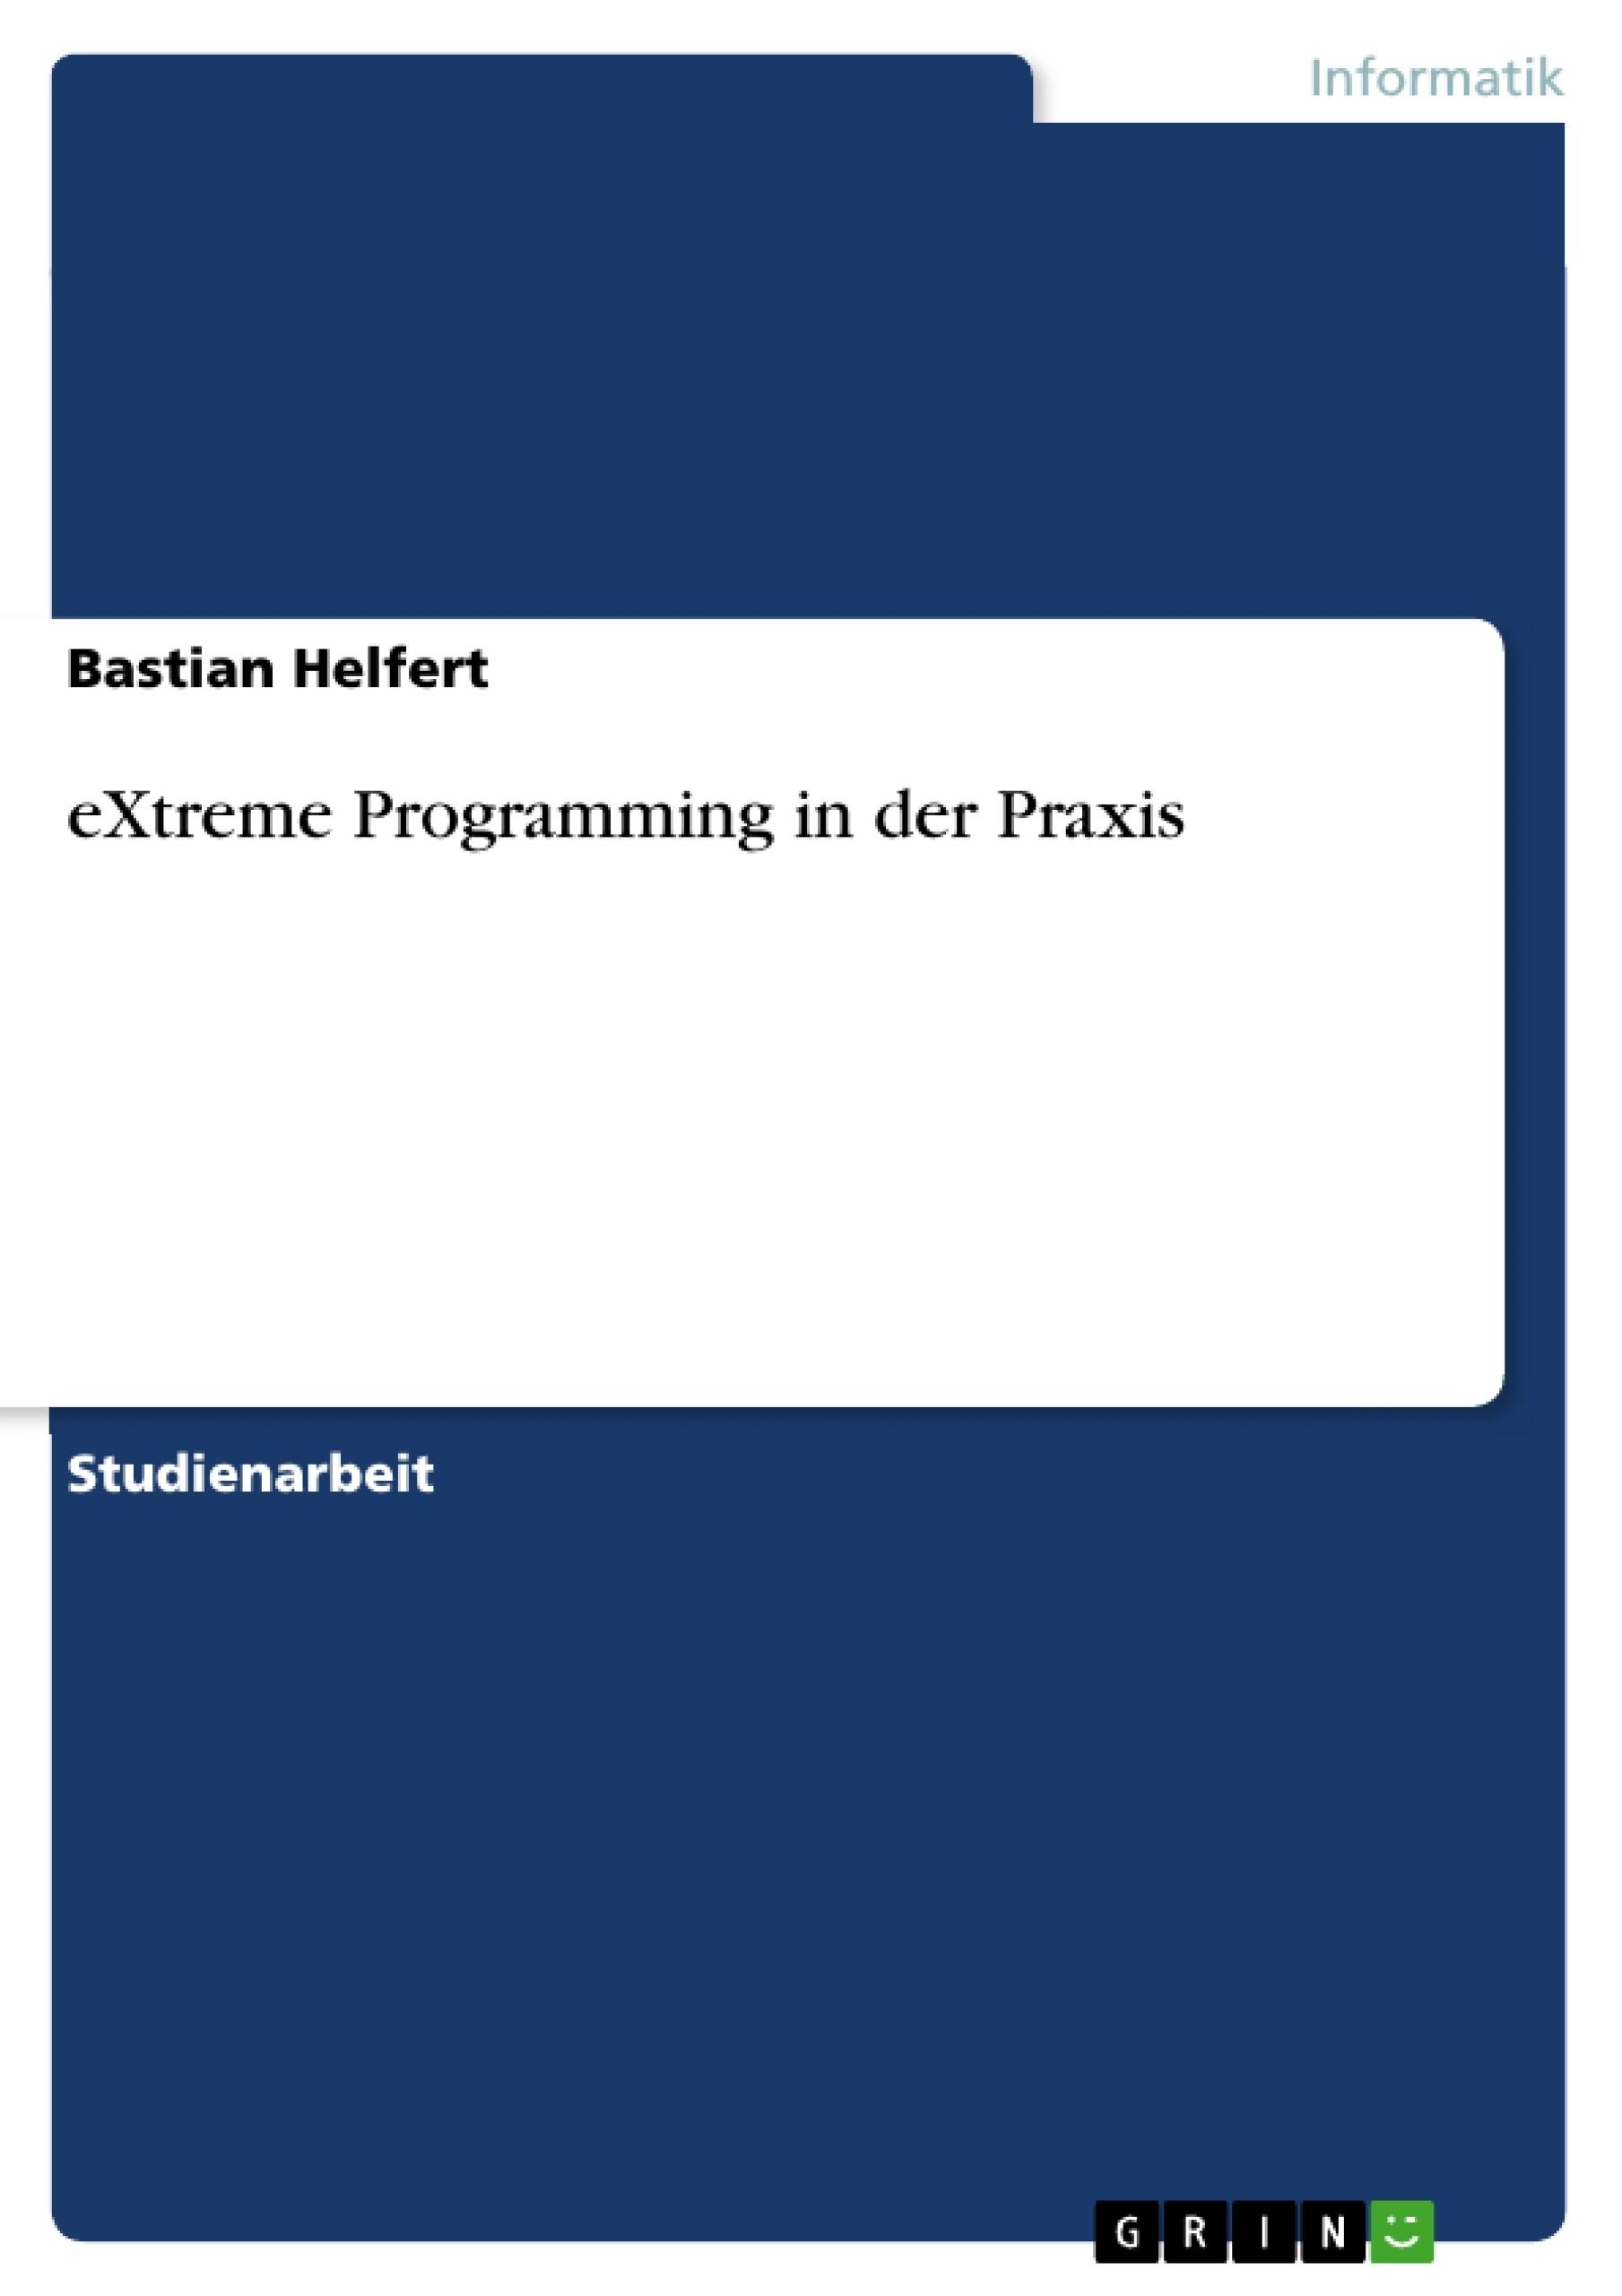 Titel: eXtreme Programming in der Praxis